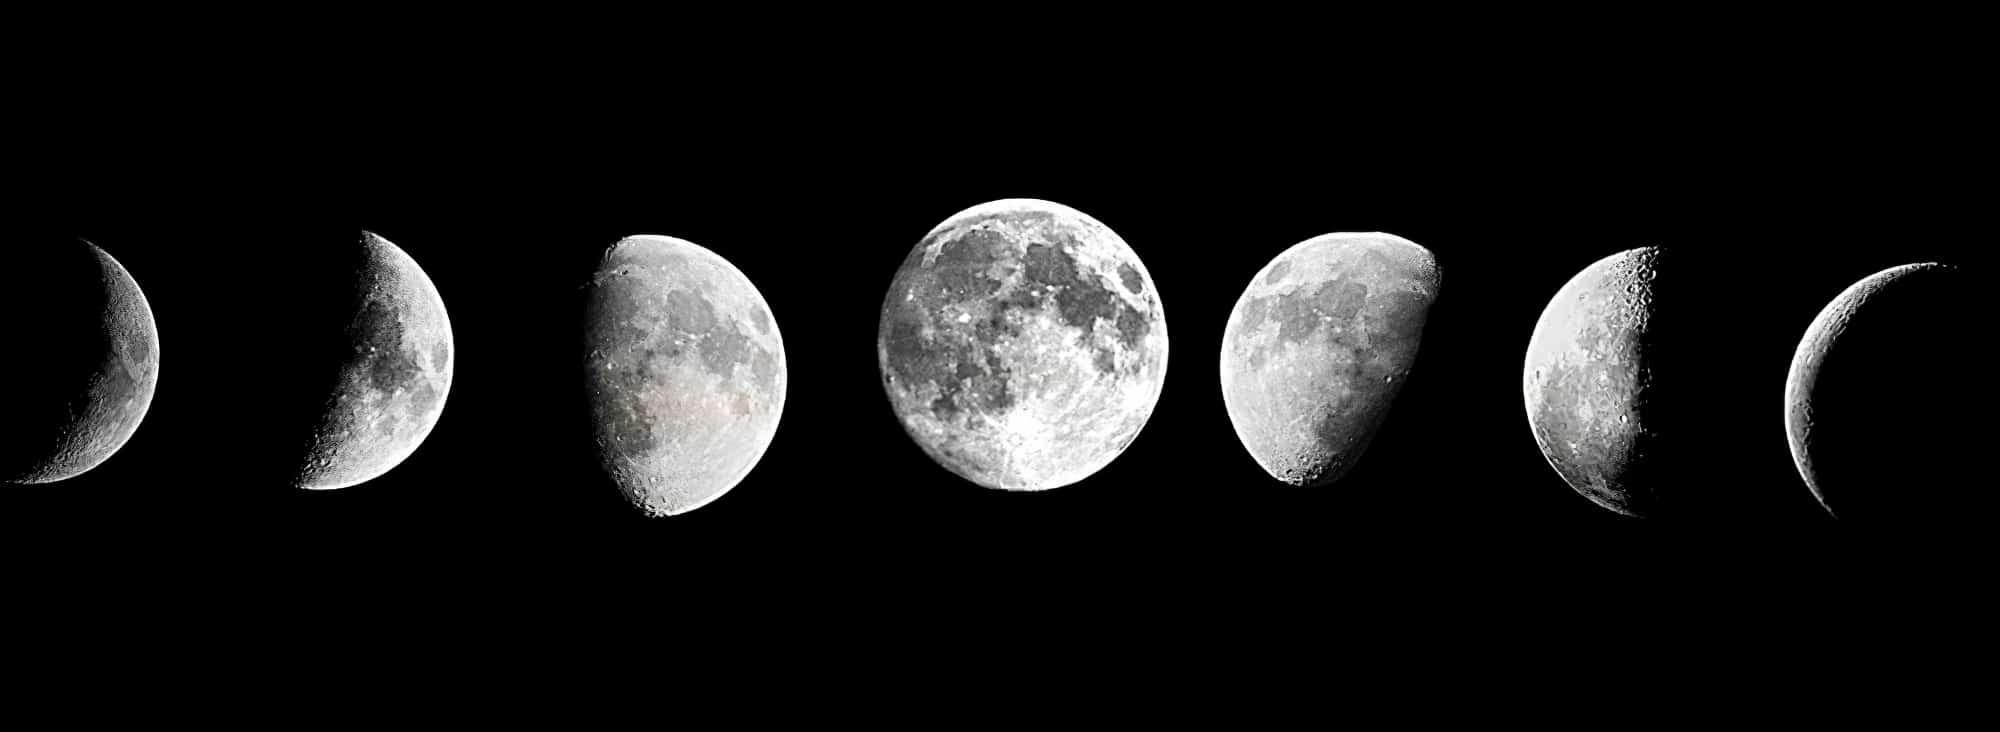 Lune, Lune, Lune